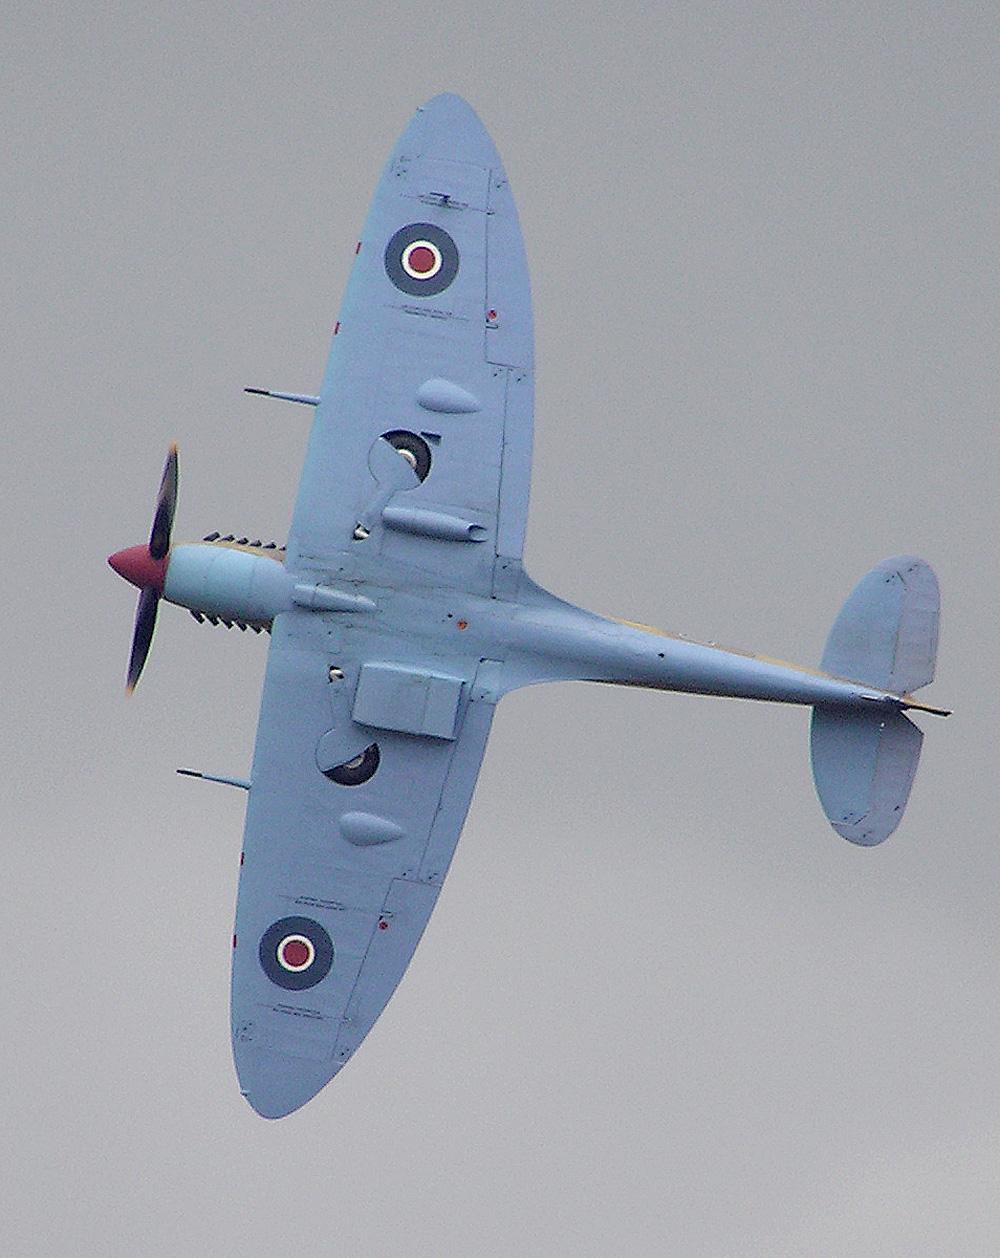 Обои Spitfire Mk.XVI, Packard Merlin 266, Royal Air Force, истребитель - бомбардировщик, американский двигатель, с каплевидным фонарём. Авиация foto 15